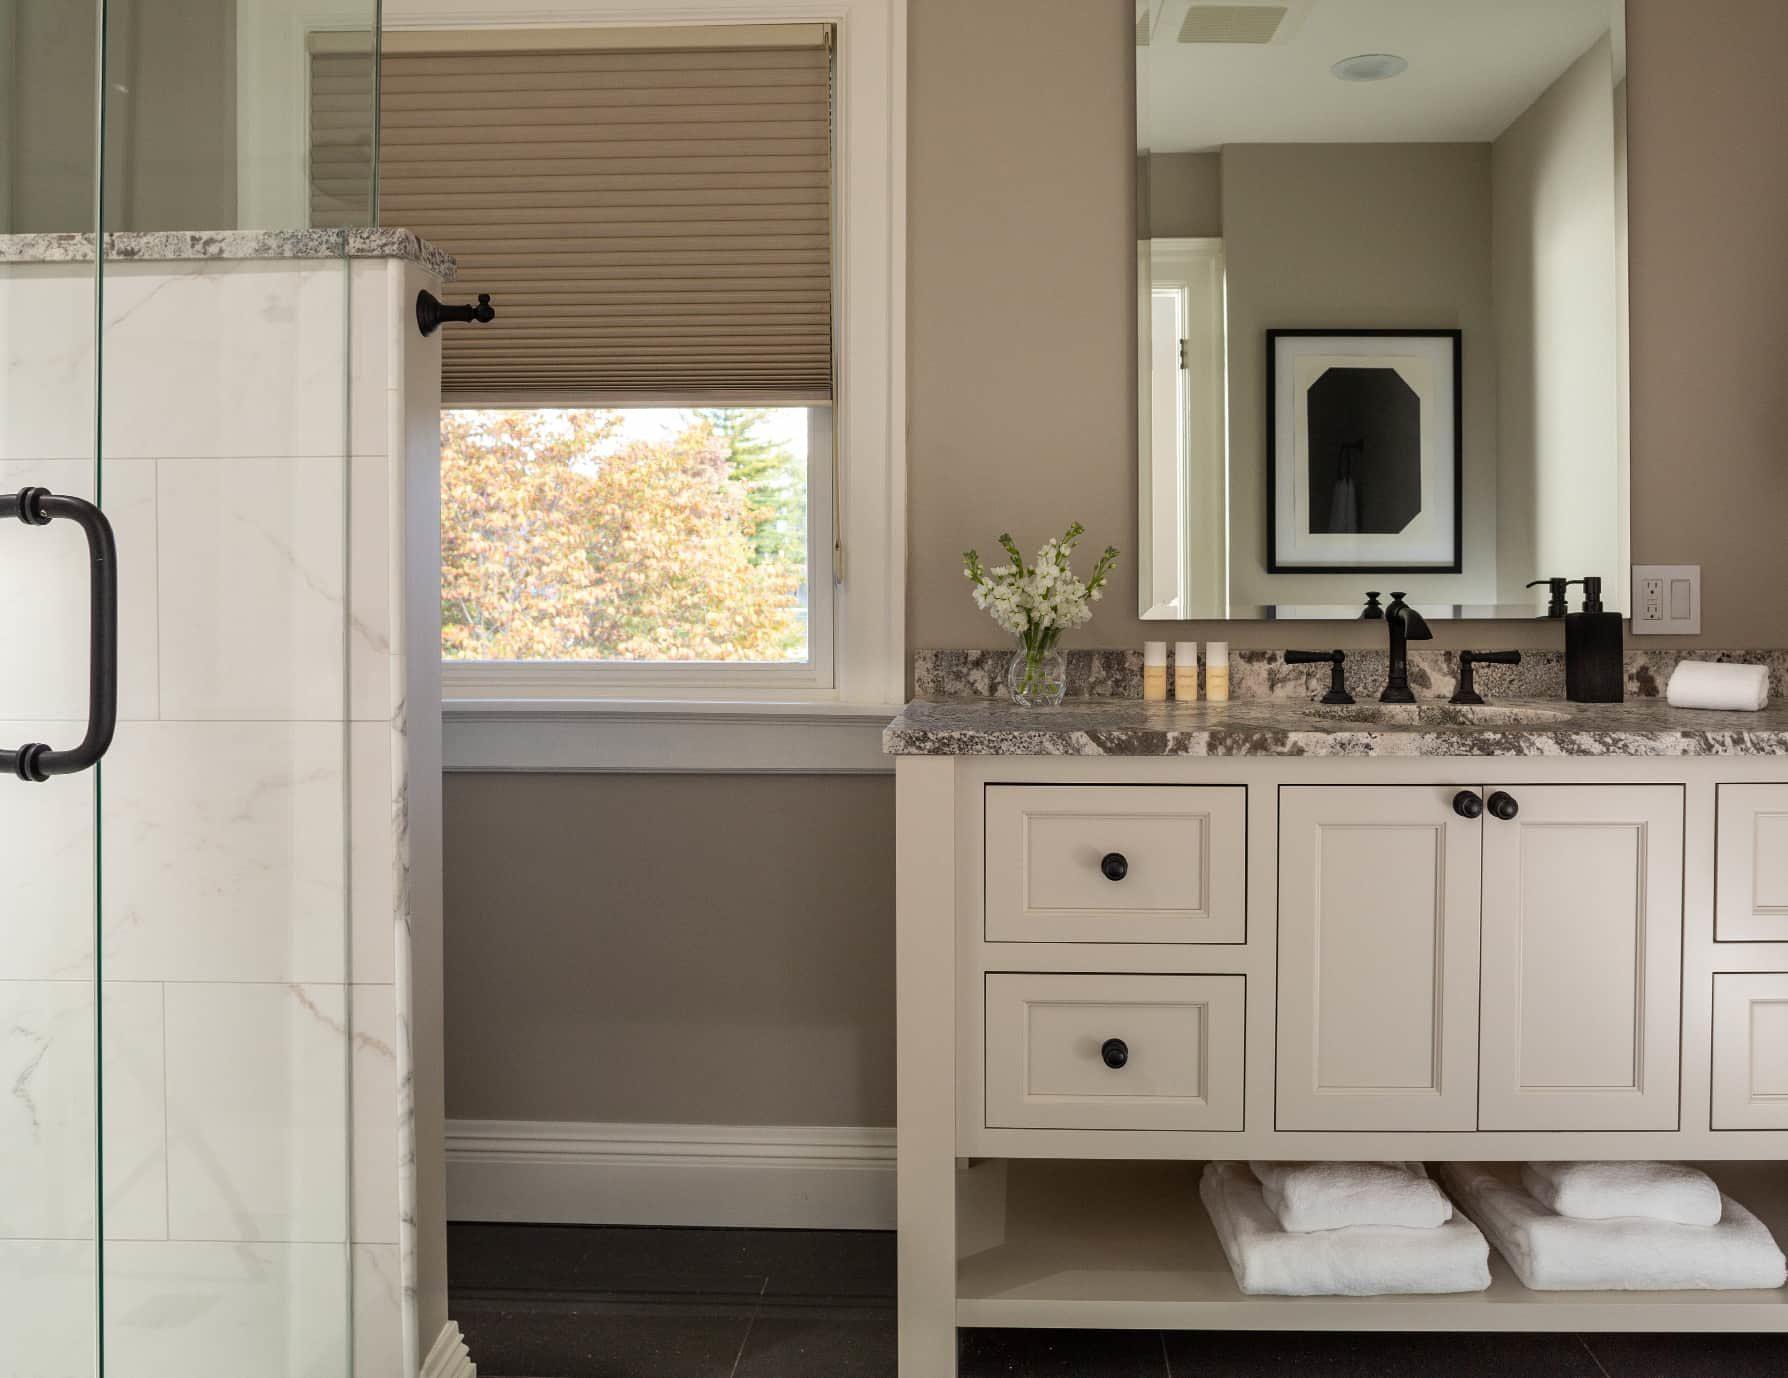 Wren Suite bathroom sink